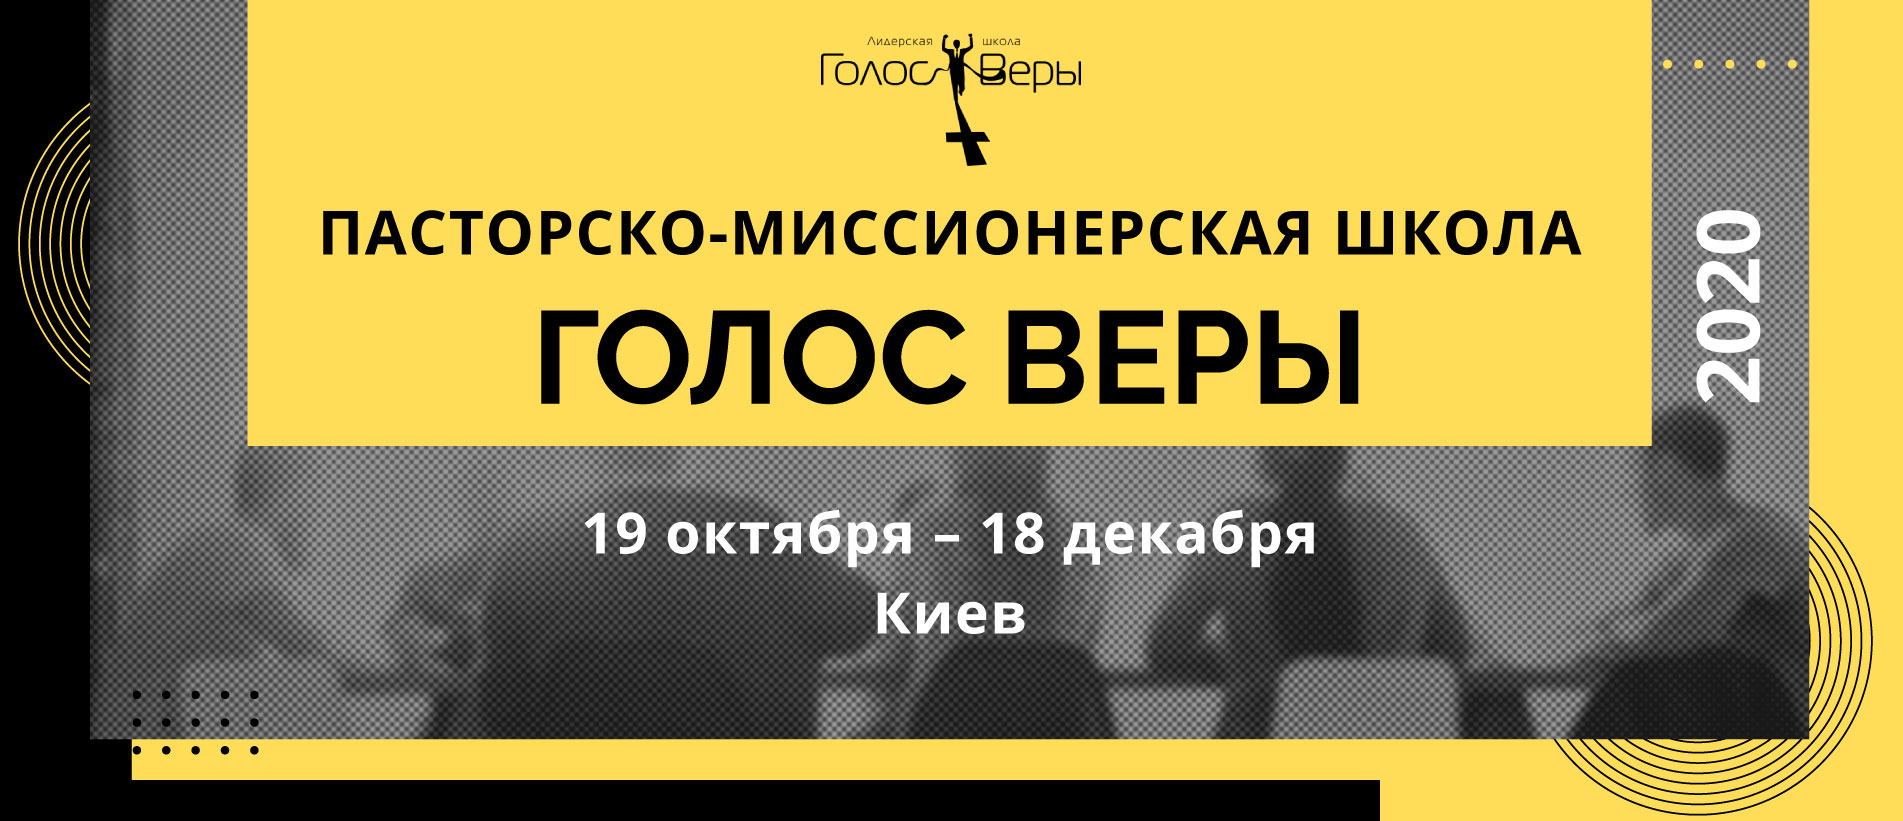 ПАСТОРСКО-МИССИОНЕРСКАЯ ШКОЛА «ГОЛОС ВЕРЫ» 2020